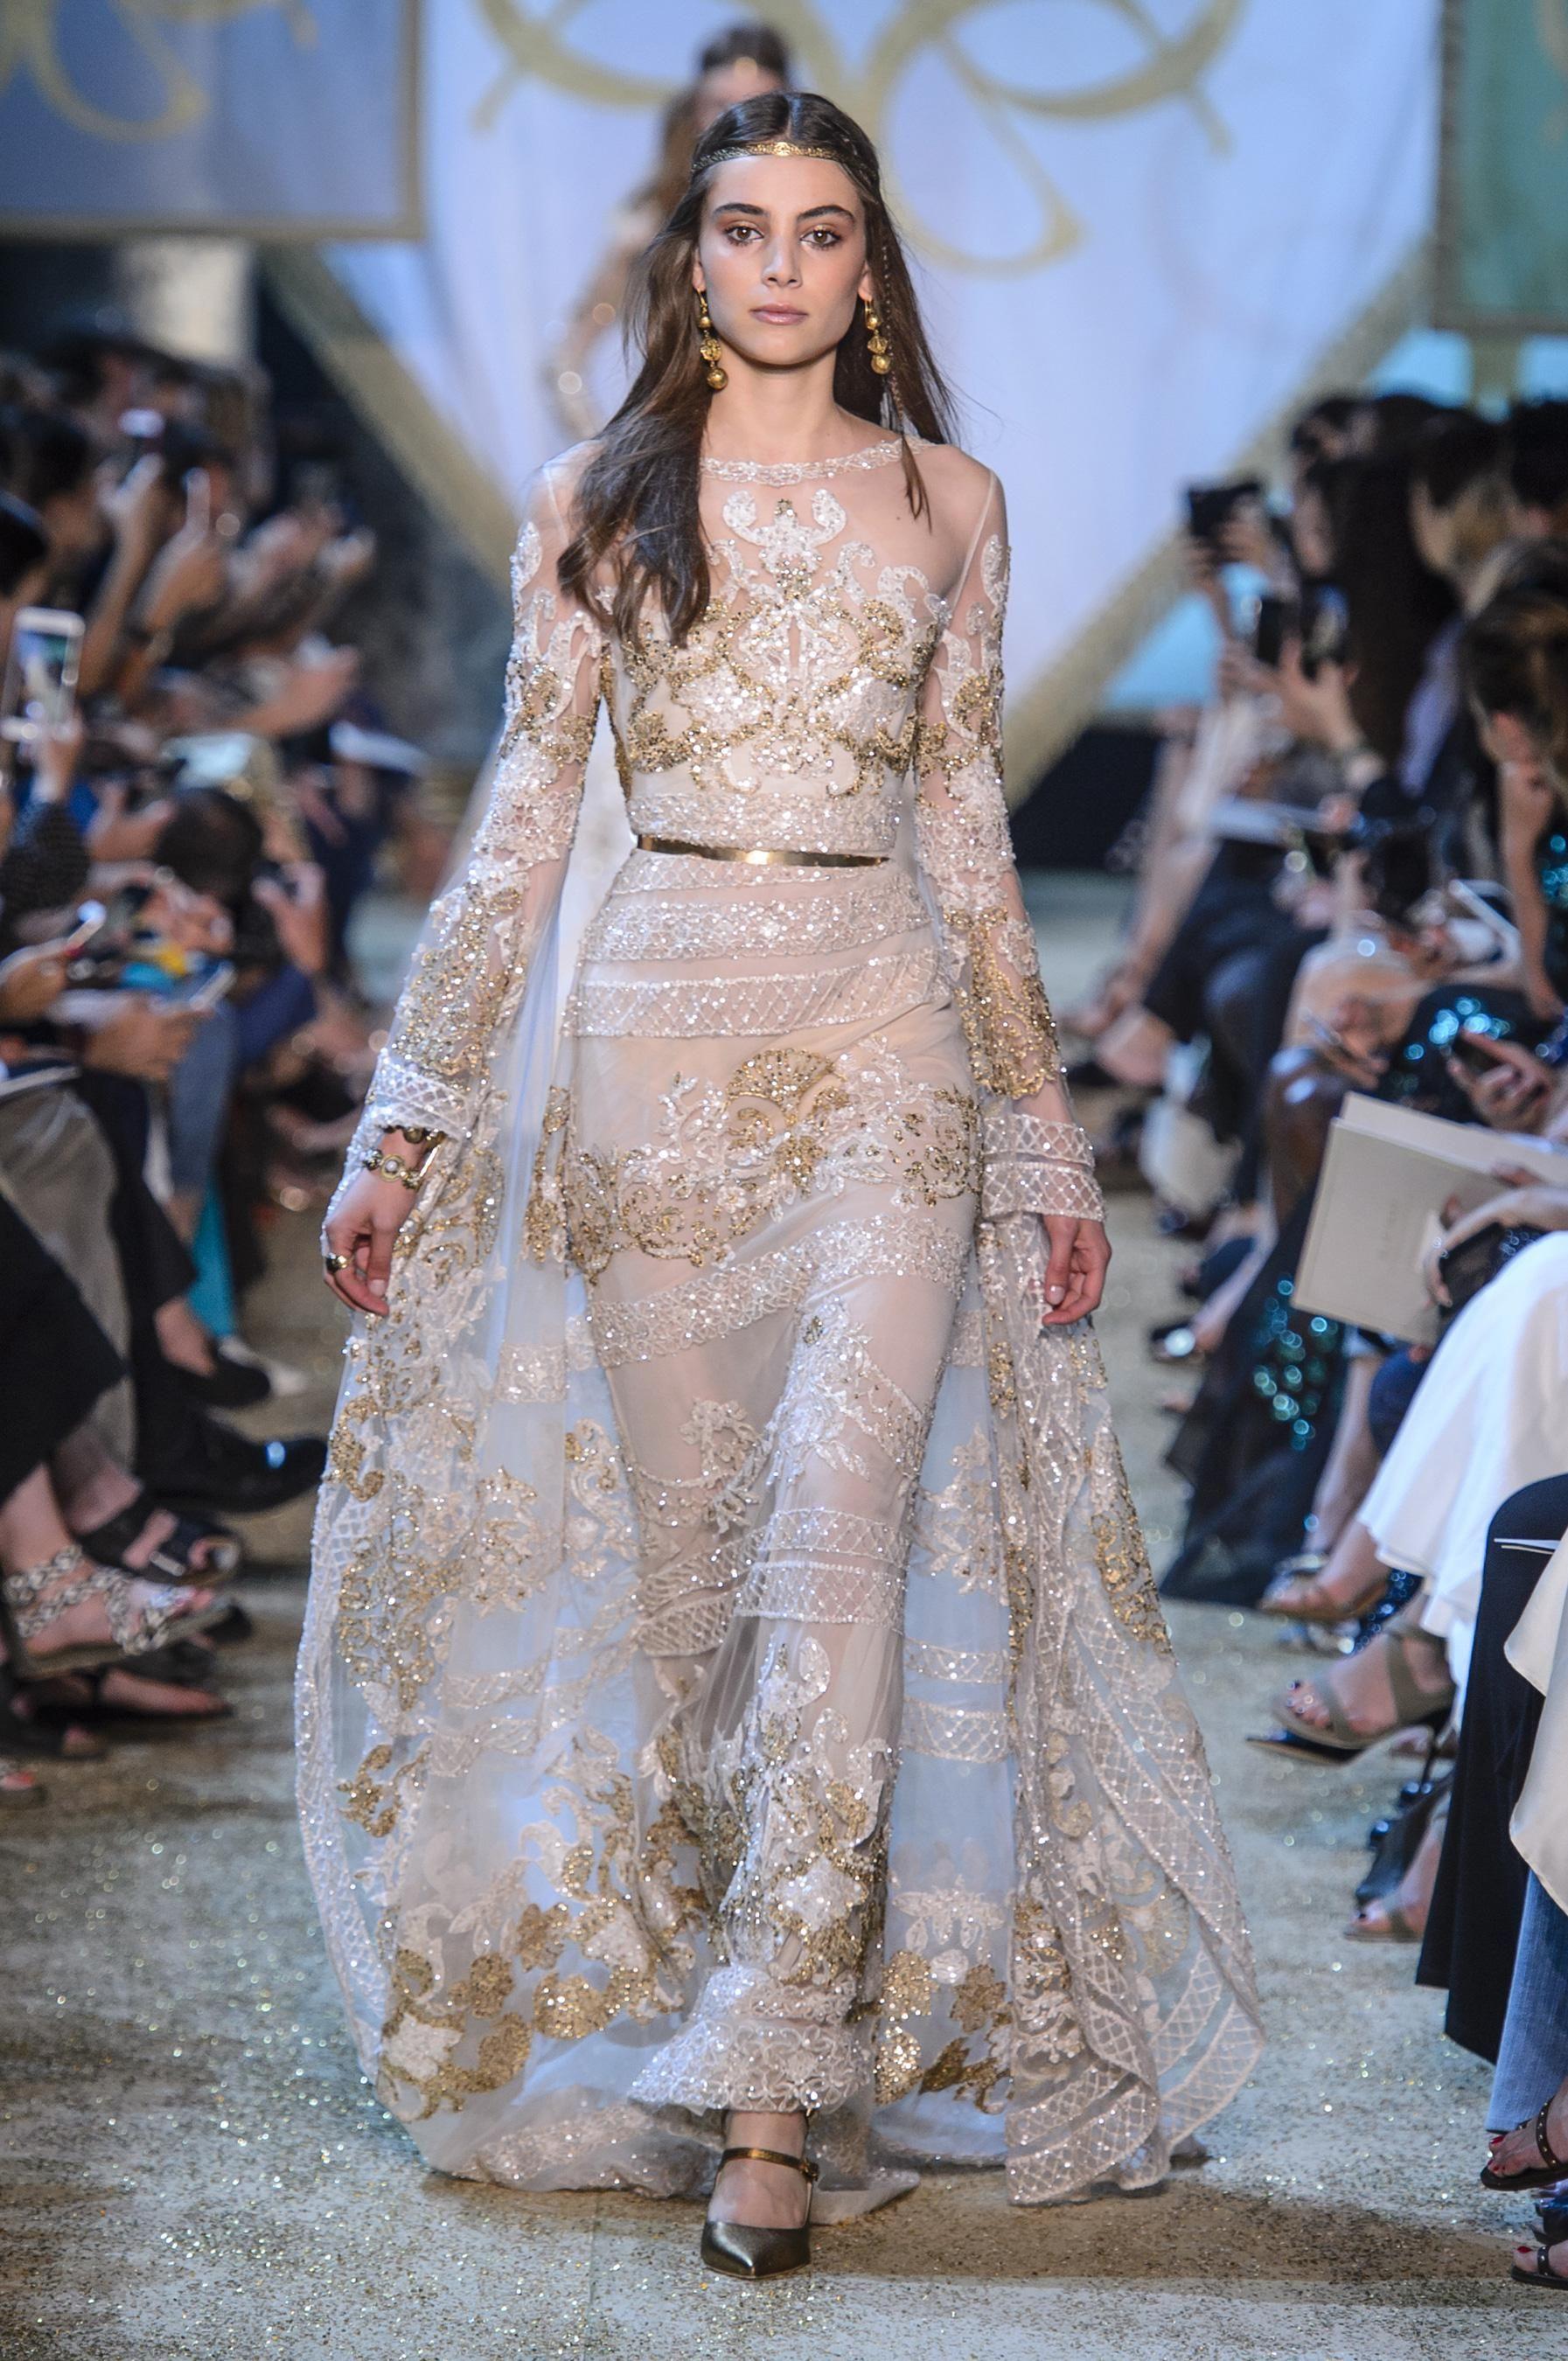 Défilé elie saab automnehiver haute couture gowns robe